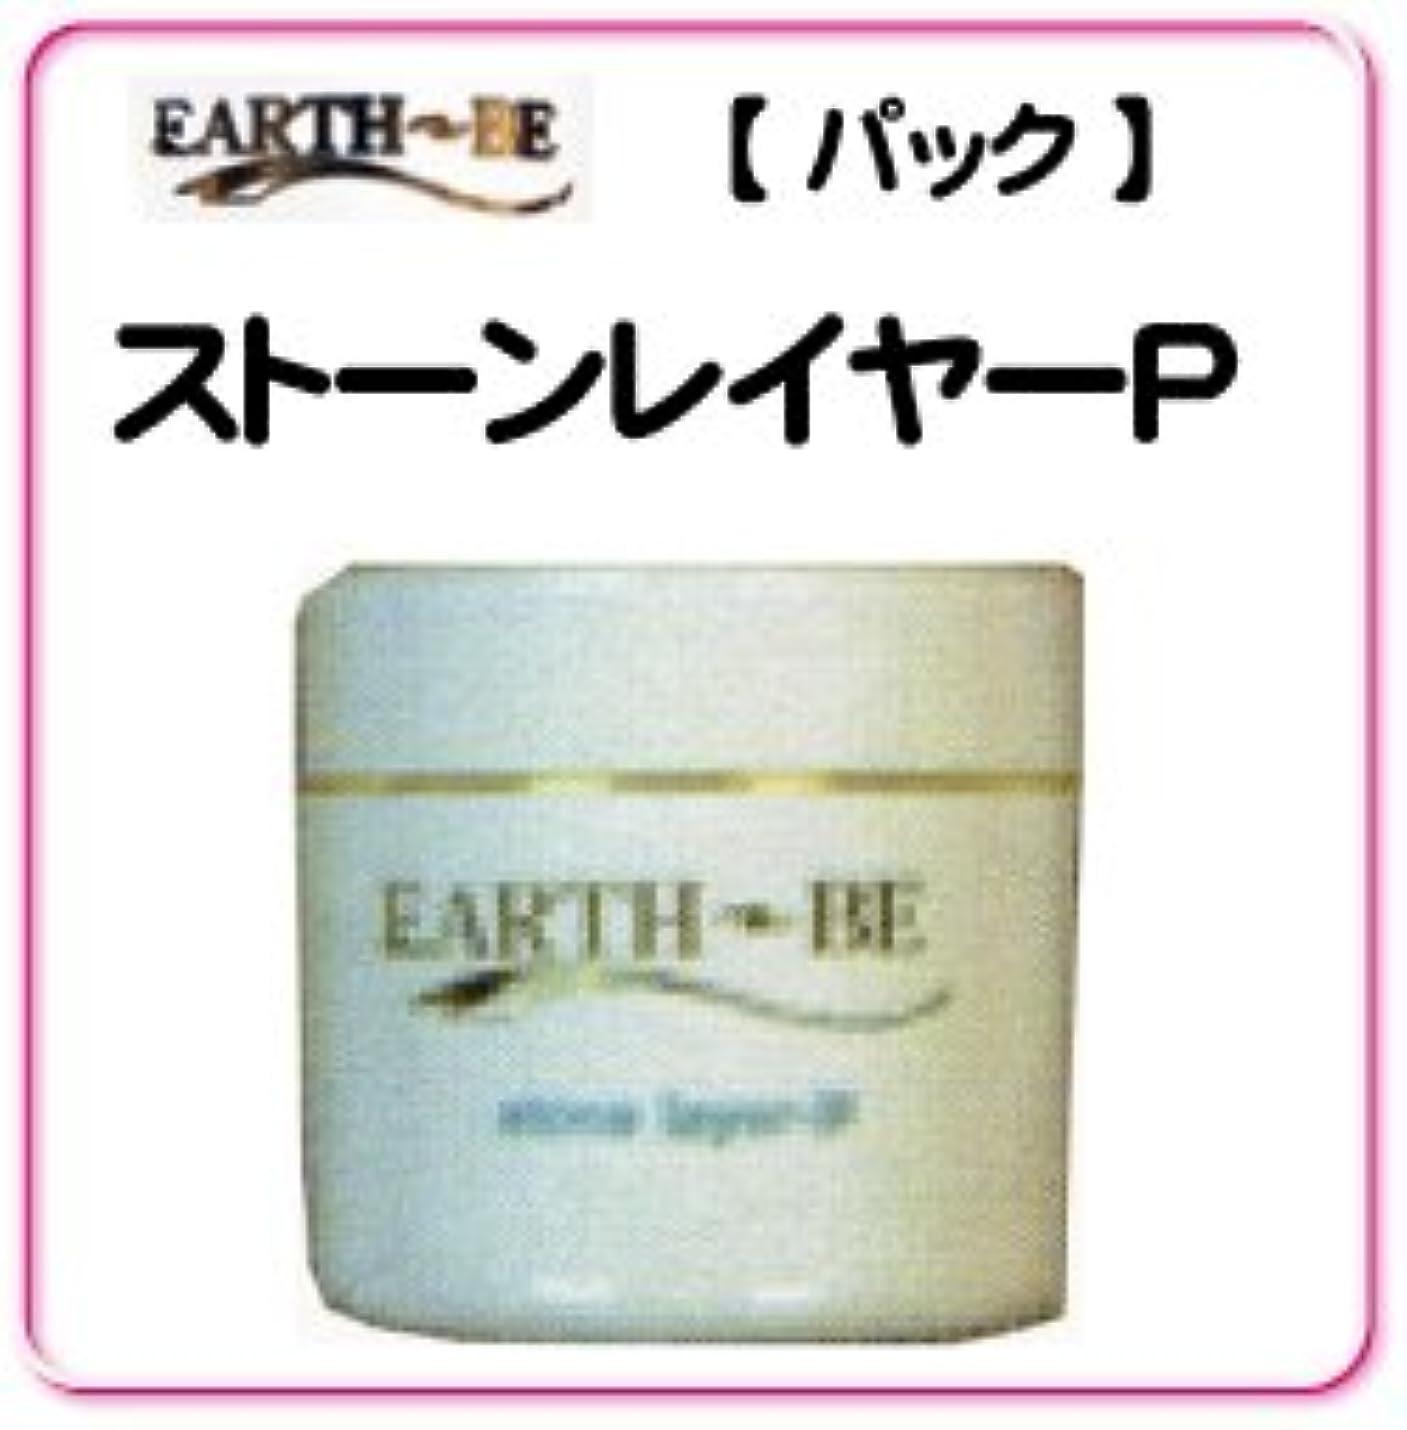 """郵便番号軽減体現するベルマン化粧品 EARTH-Bシリーズ """"アースビ ストーンレイヤー P"""" パック 100g"""